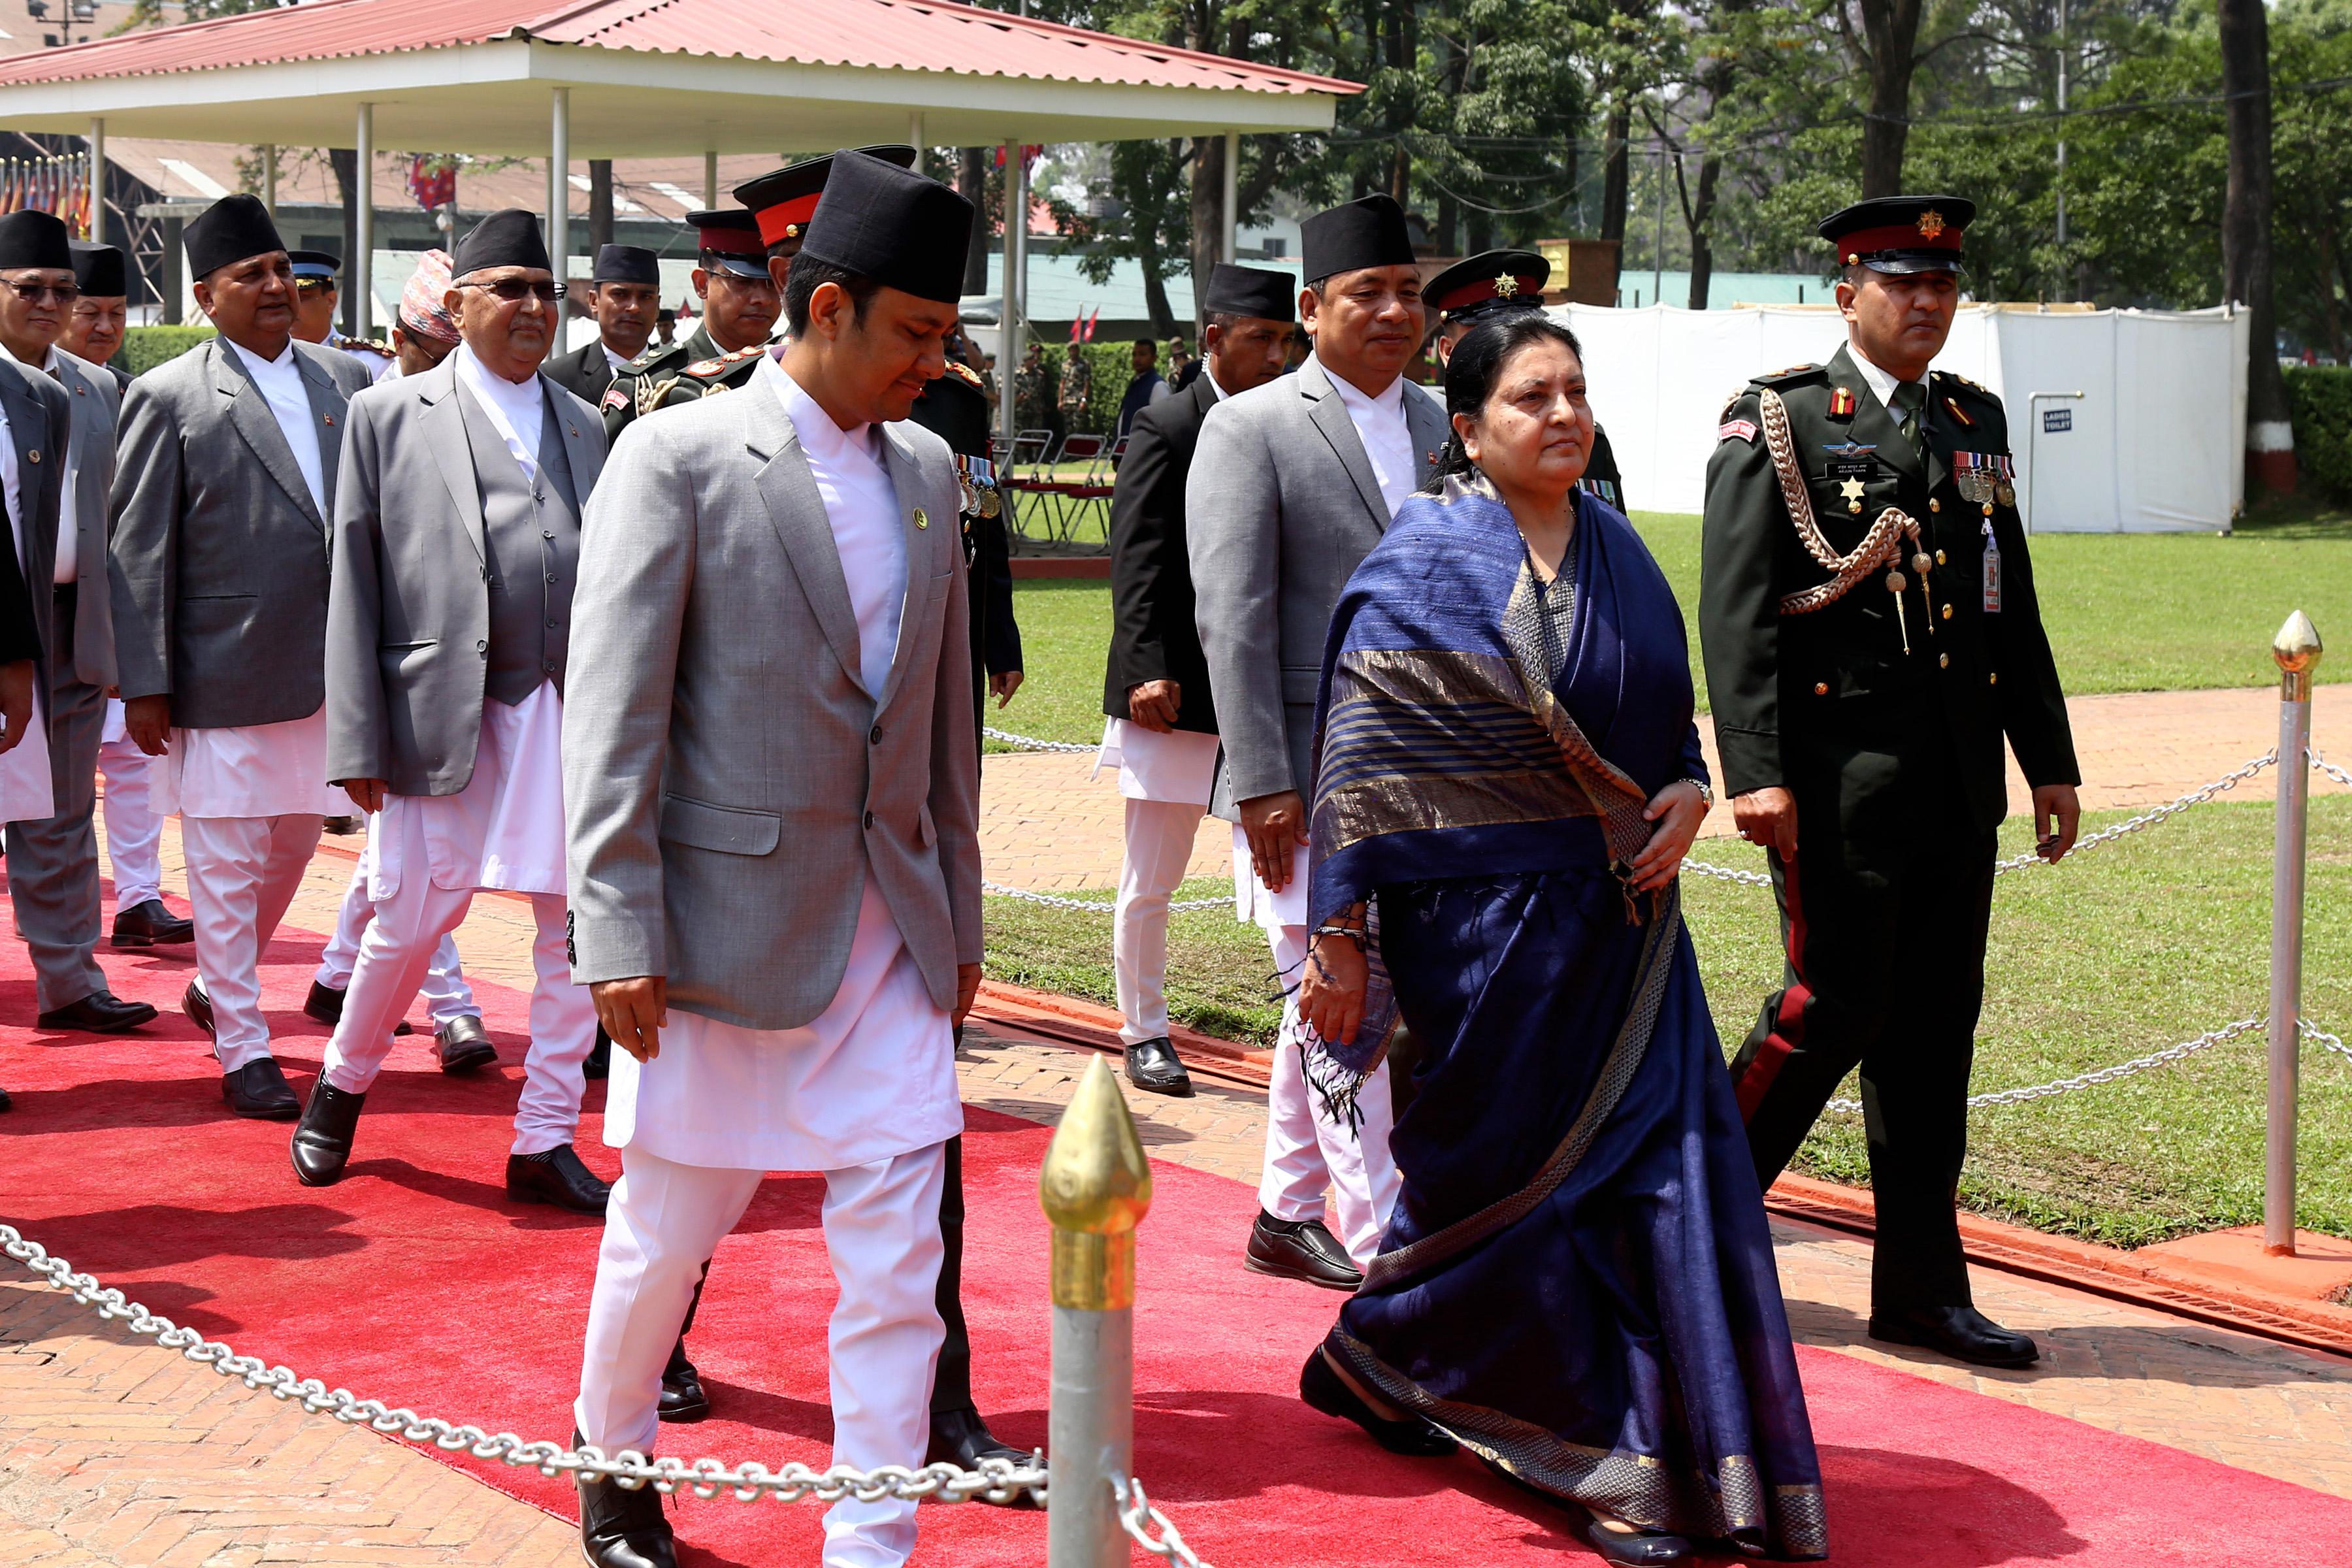 राष्ट्रपति गुड्दा सडक खाली, उड्दा आकाश खाली, अनि पो हामी गणतान्त्रिक नेपाली !